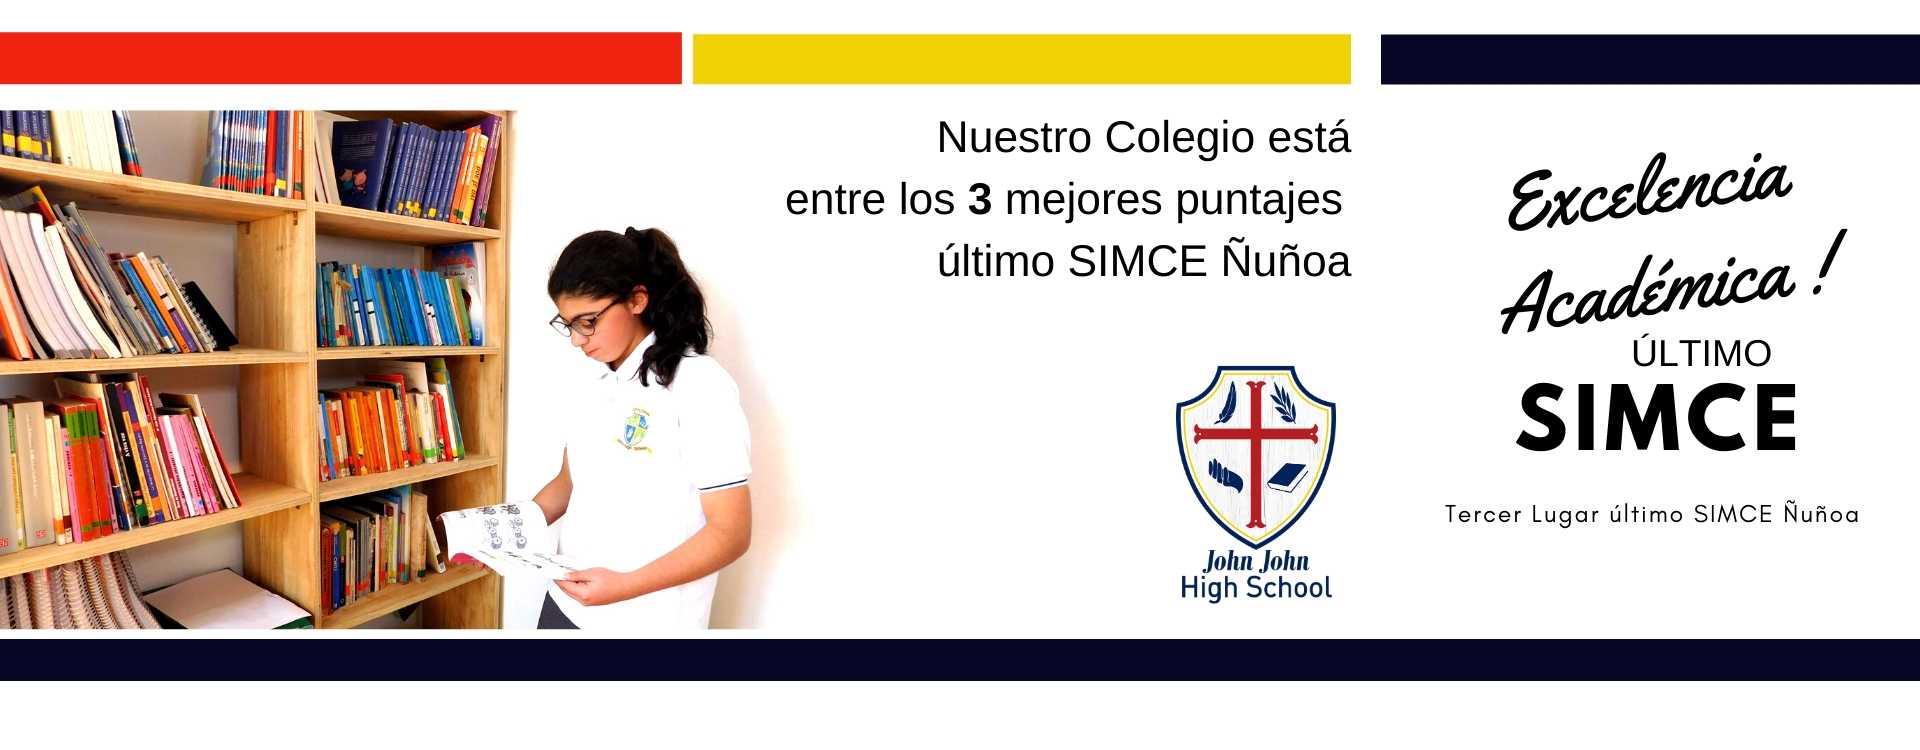 Excelencia académica SIMCE Ñuñoa